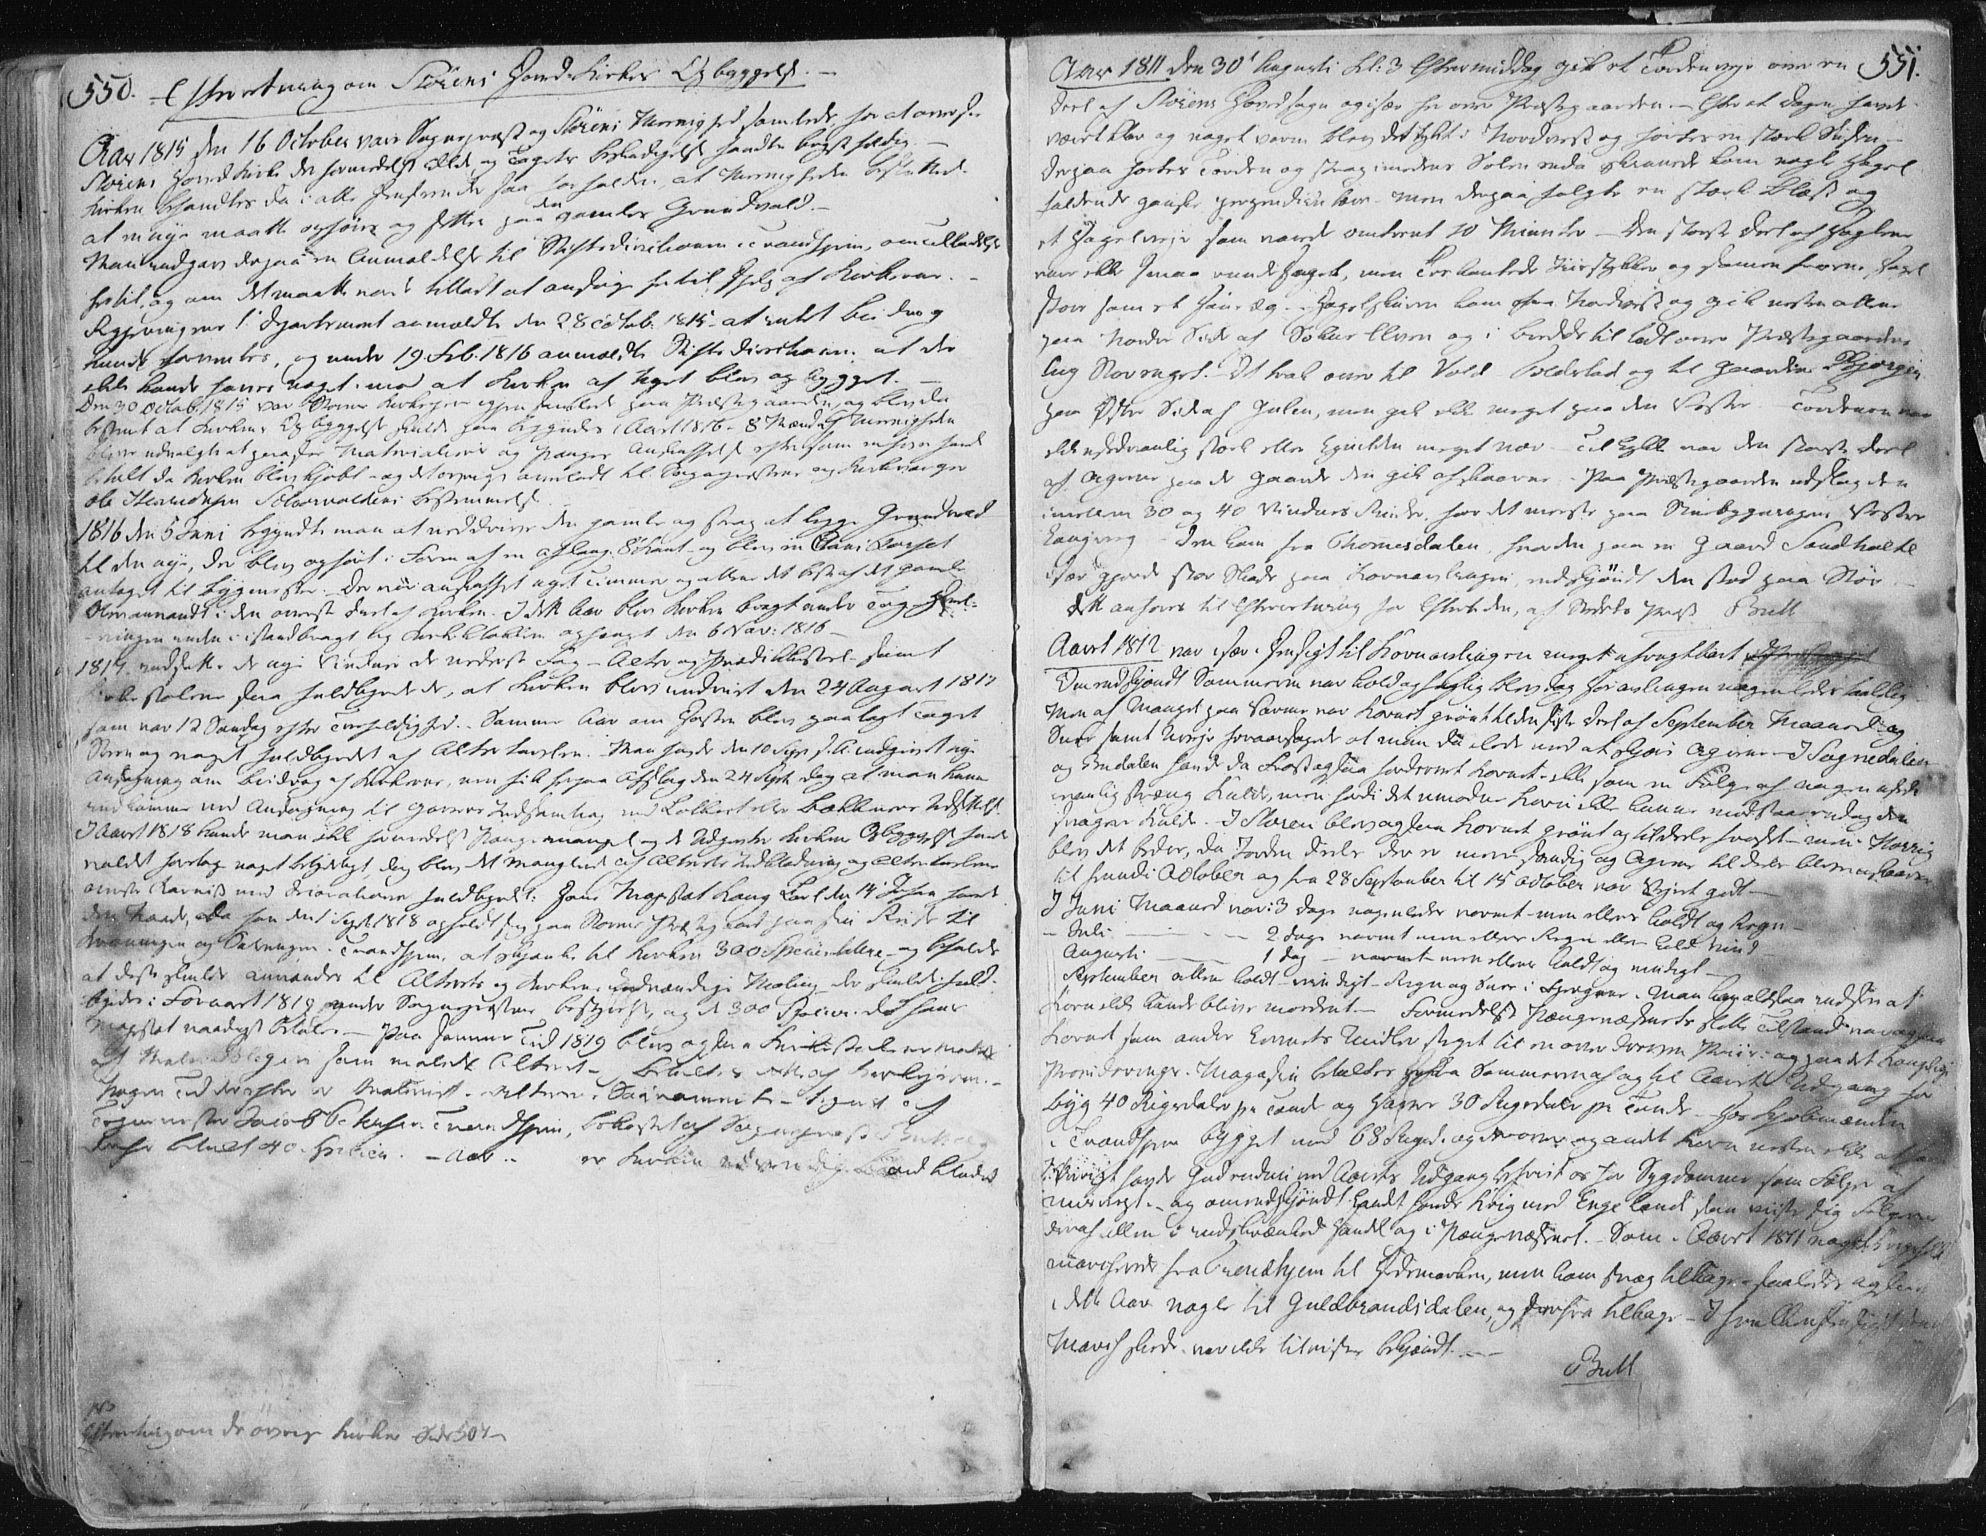 SAT, Ministerialprotokoller, klokkerbøker og fødselsregistre - Sør-Trøndelag, 687/L0992: Ministerialbok nr. 687A03 /1, 1788-1815, s. 550-551